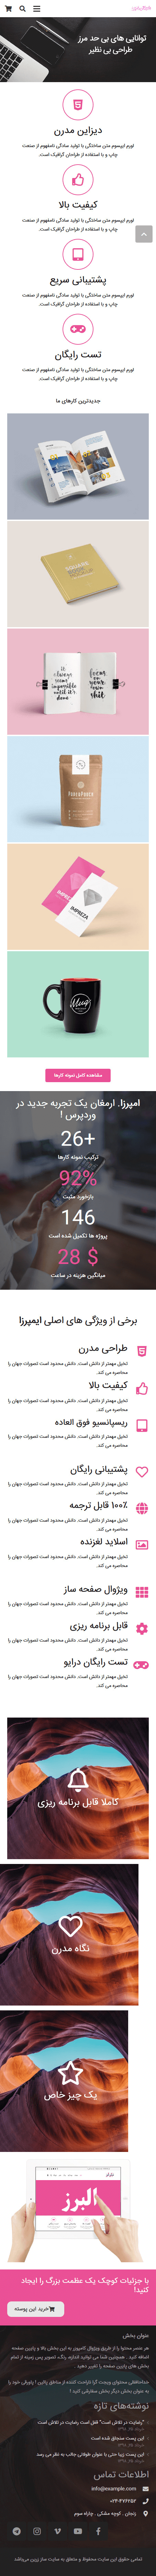 تصویر سایت البرز در حالت موبایل